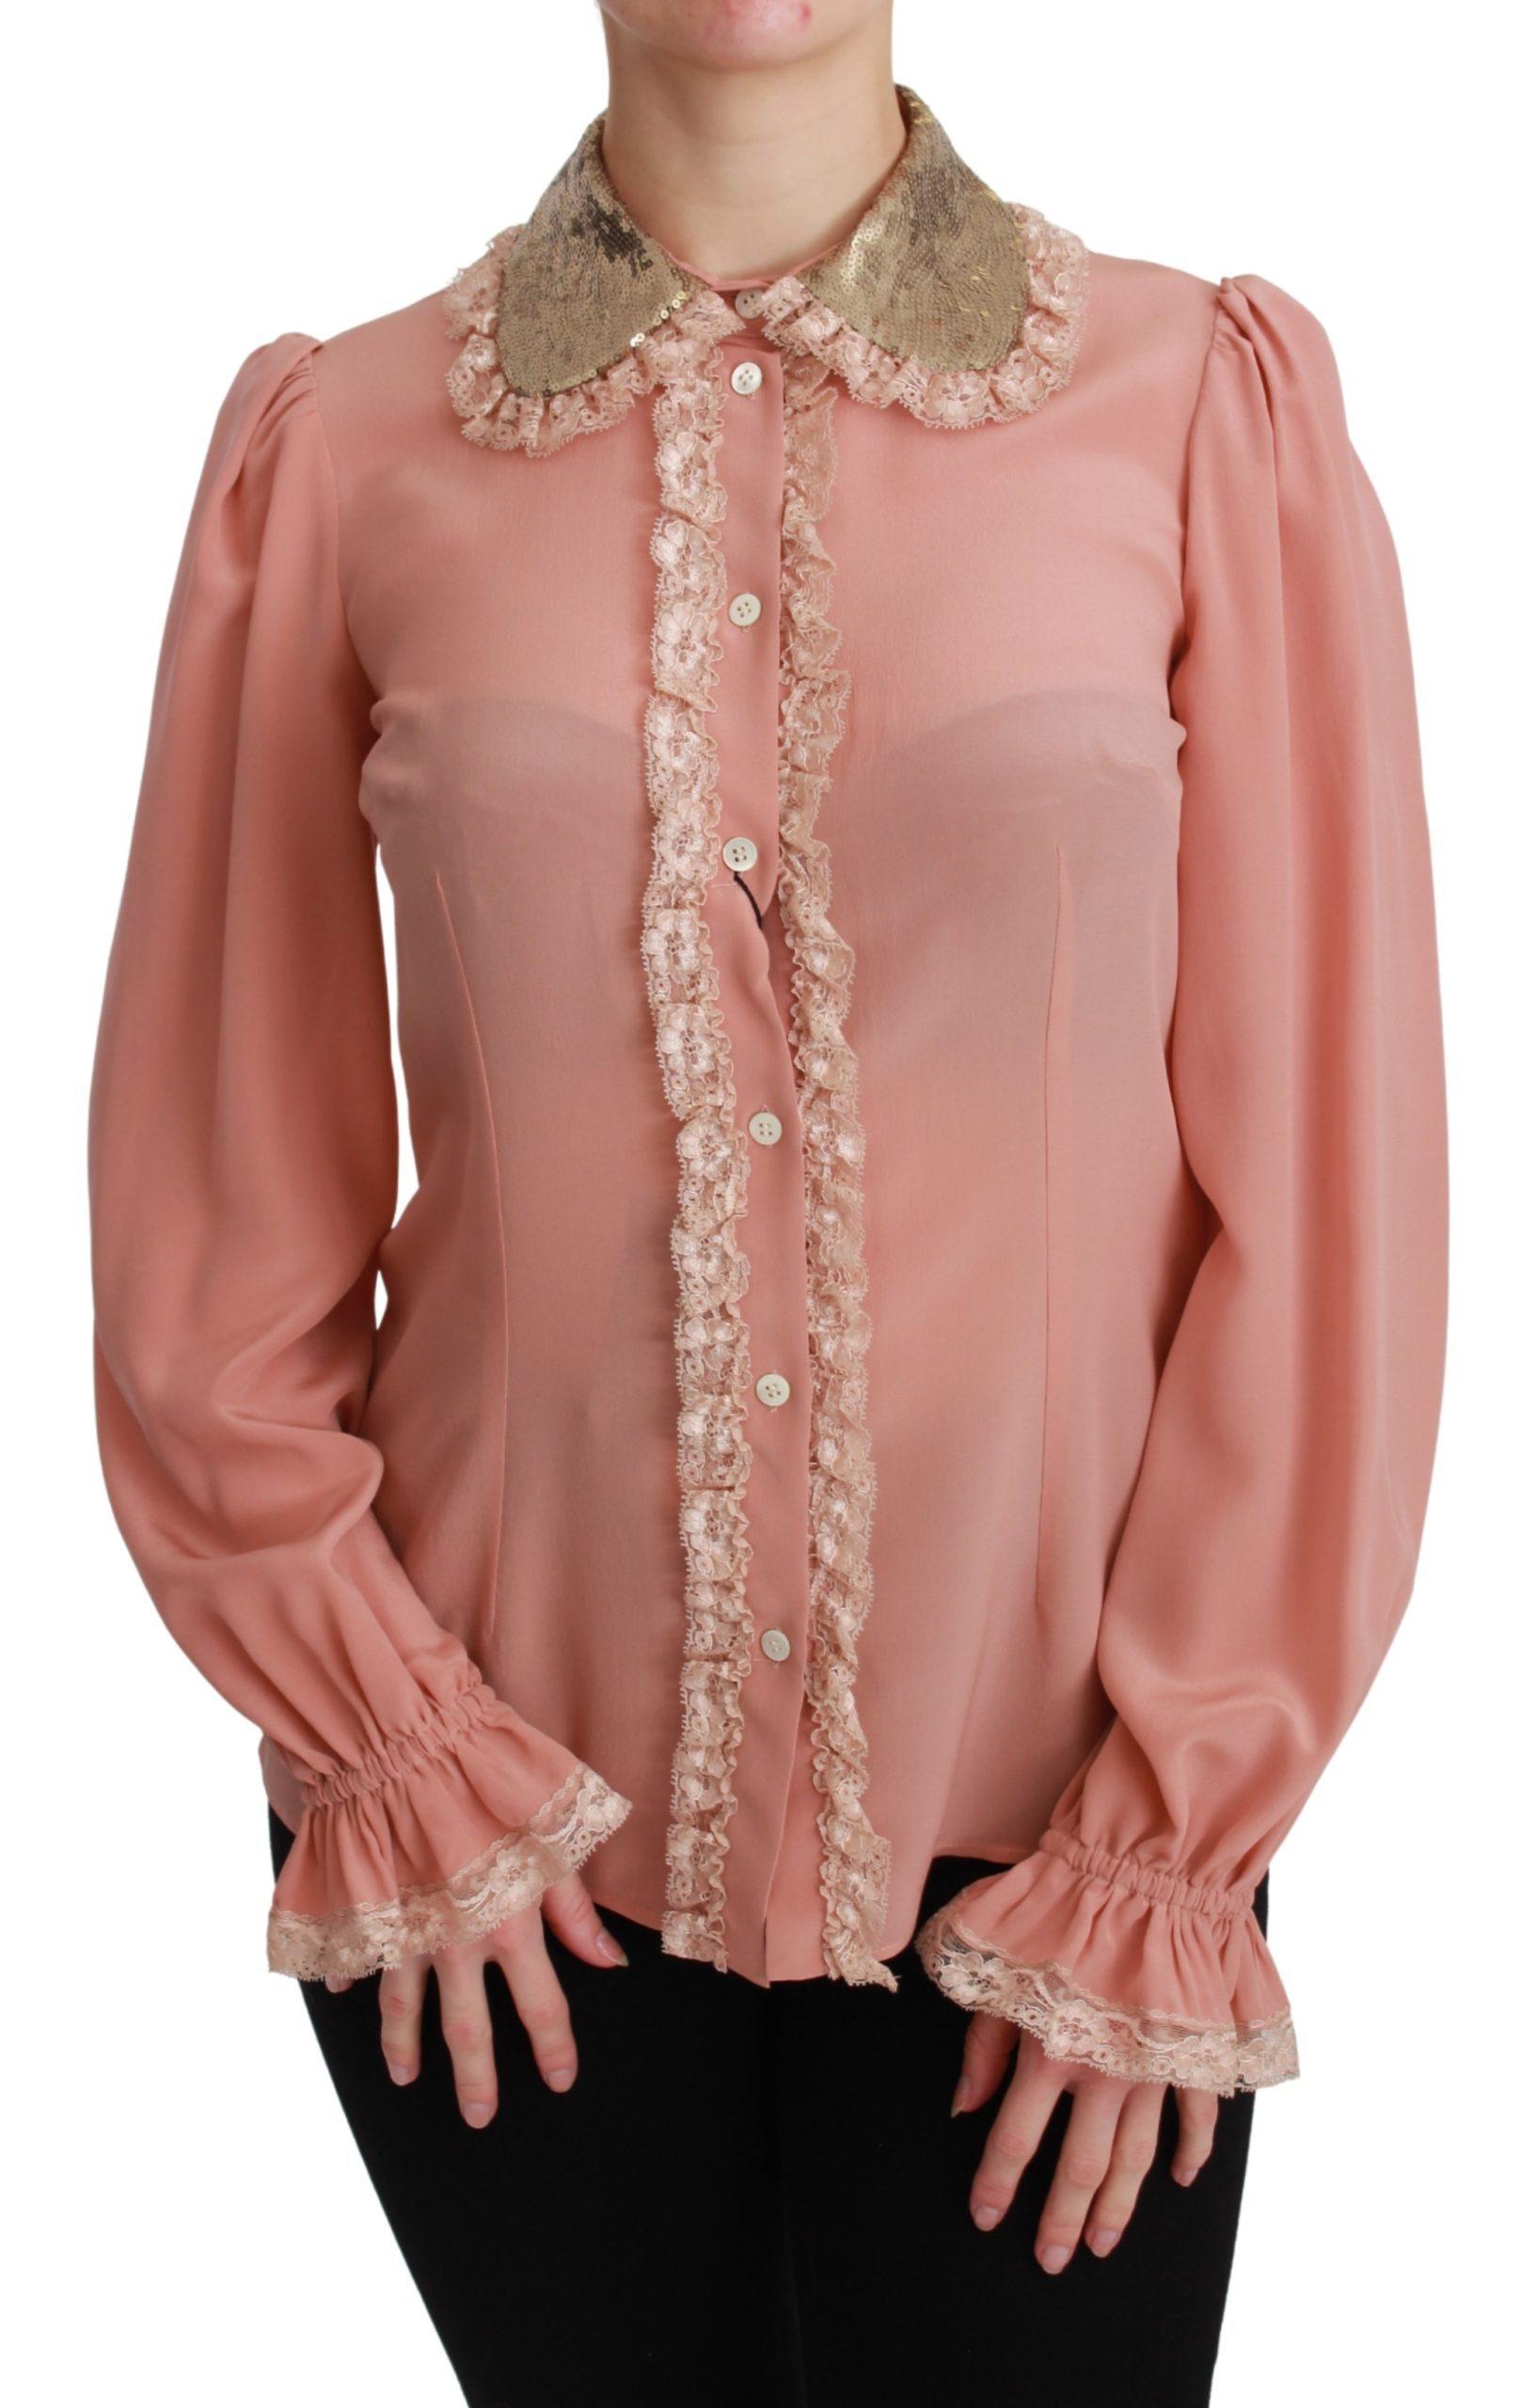 Dolce & Gabbana Women's Sequin Lace Shirt Yellow TSH4663 - IT38 XS